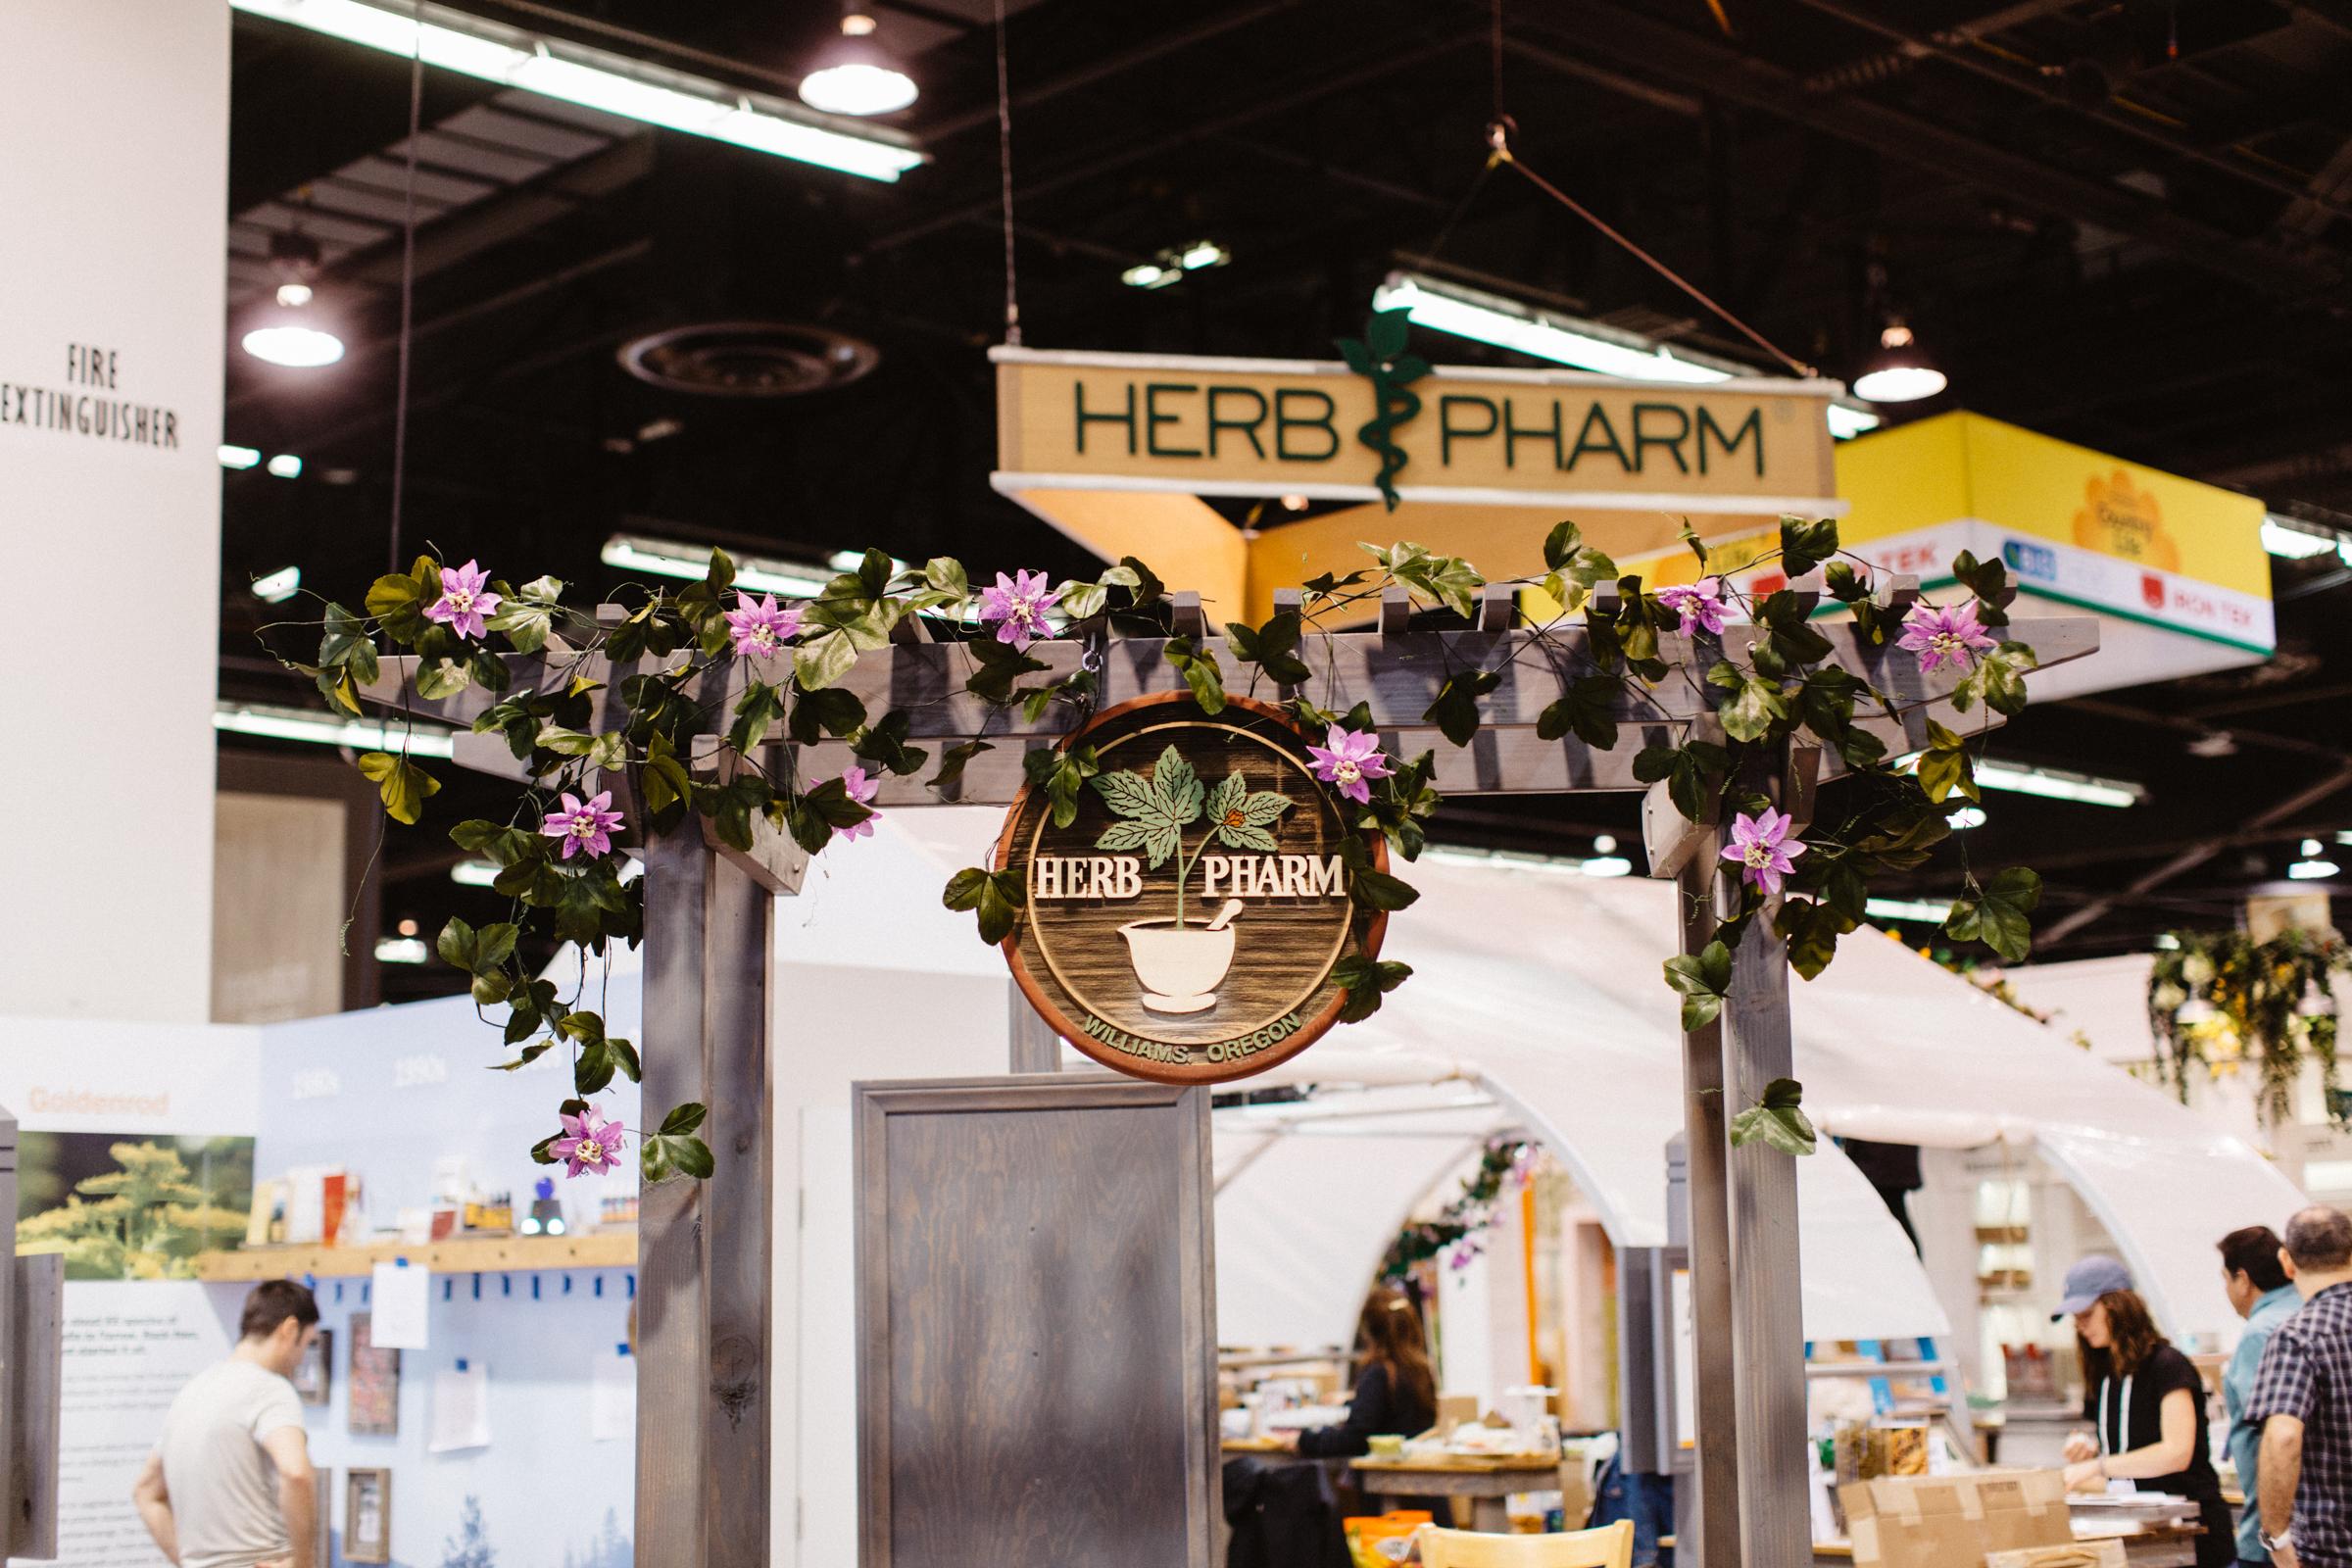 herbfarm131216.jpg